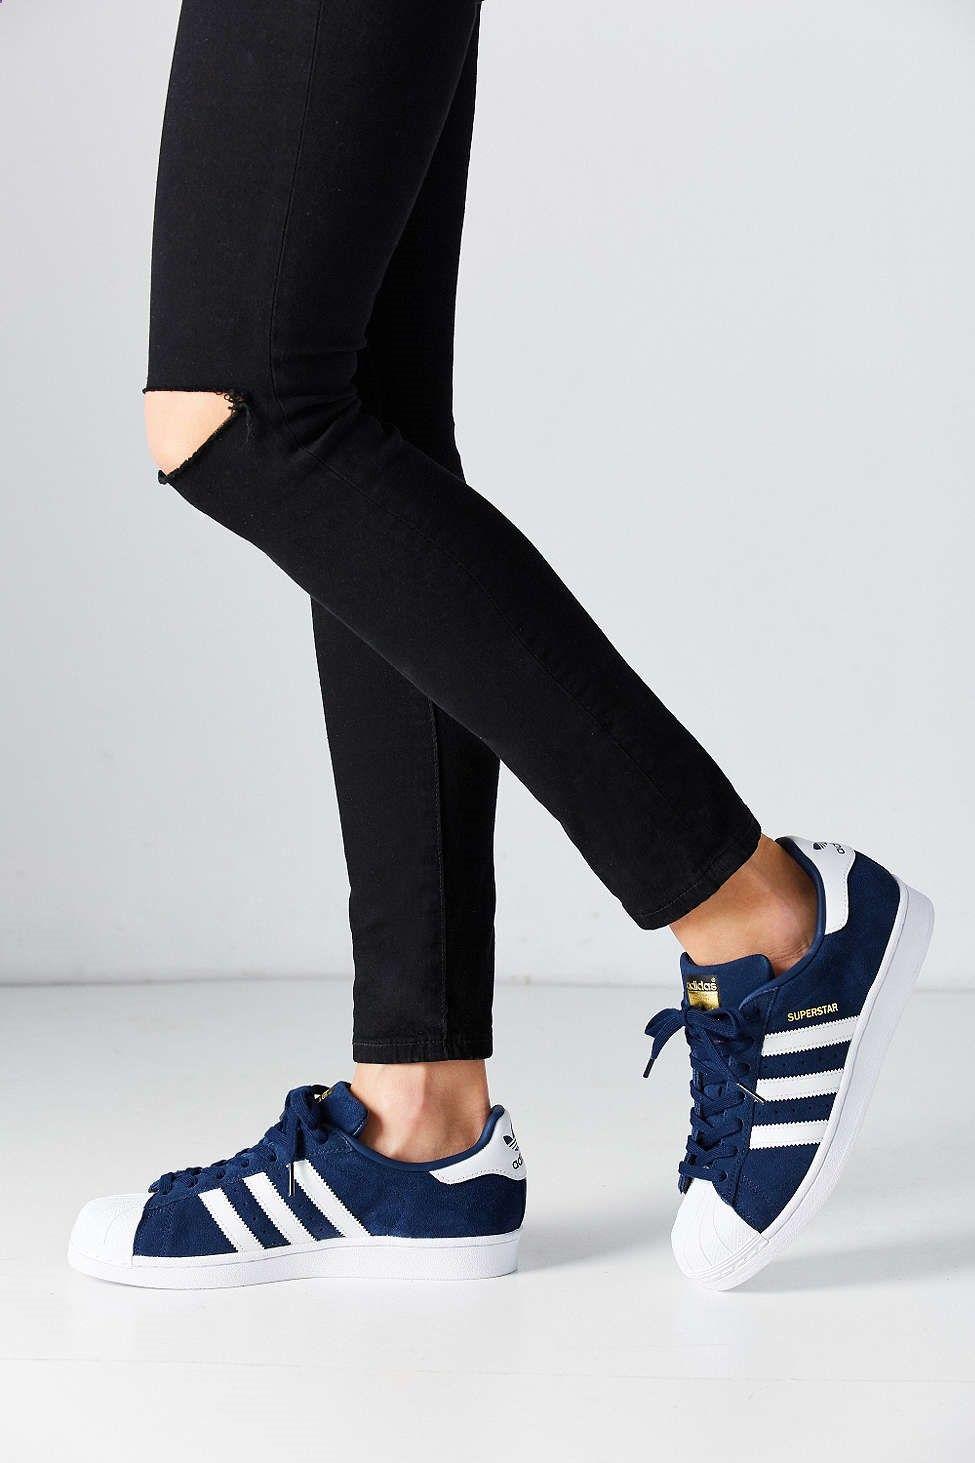 Comprar En Armonia Online | Dora in 2019 | Adidas sneakers